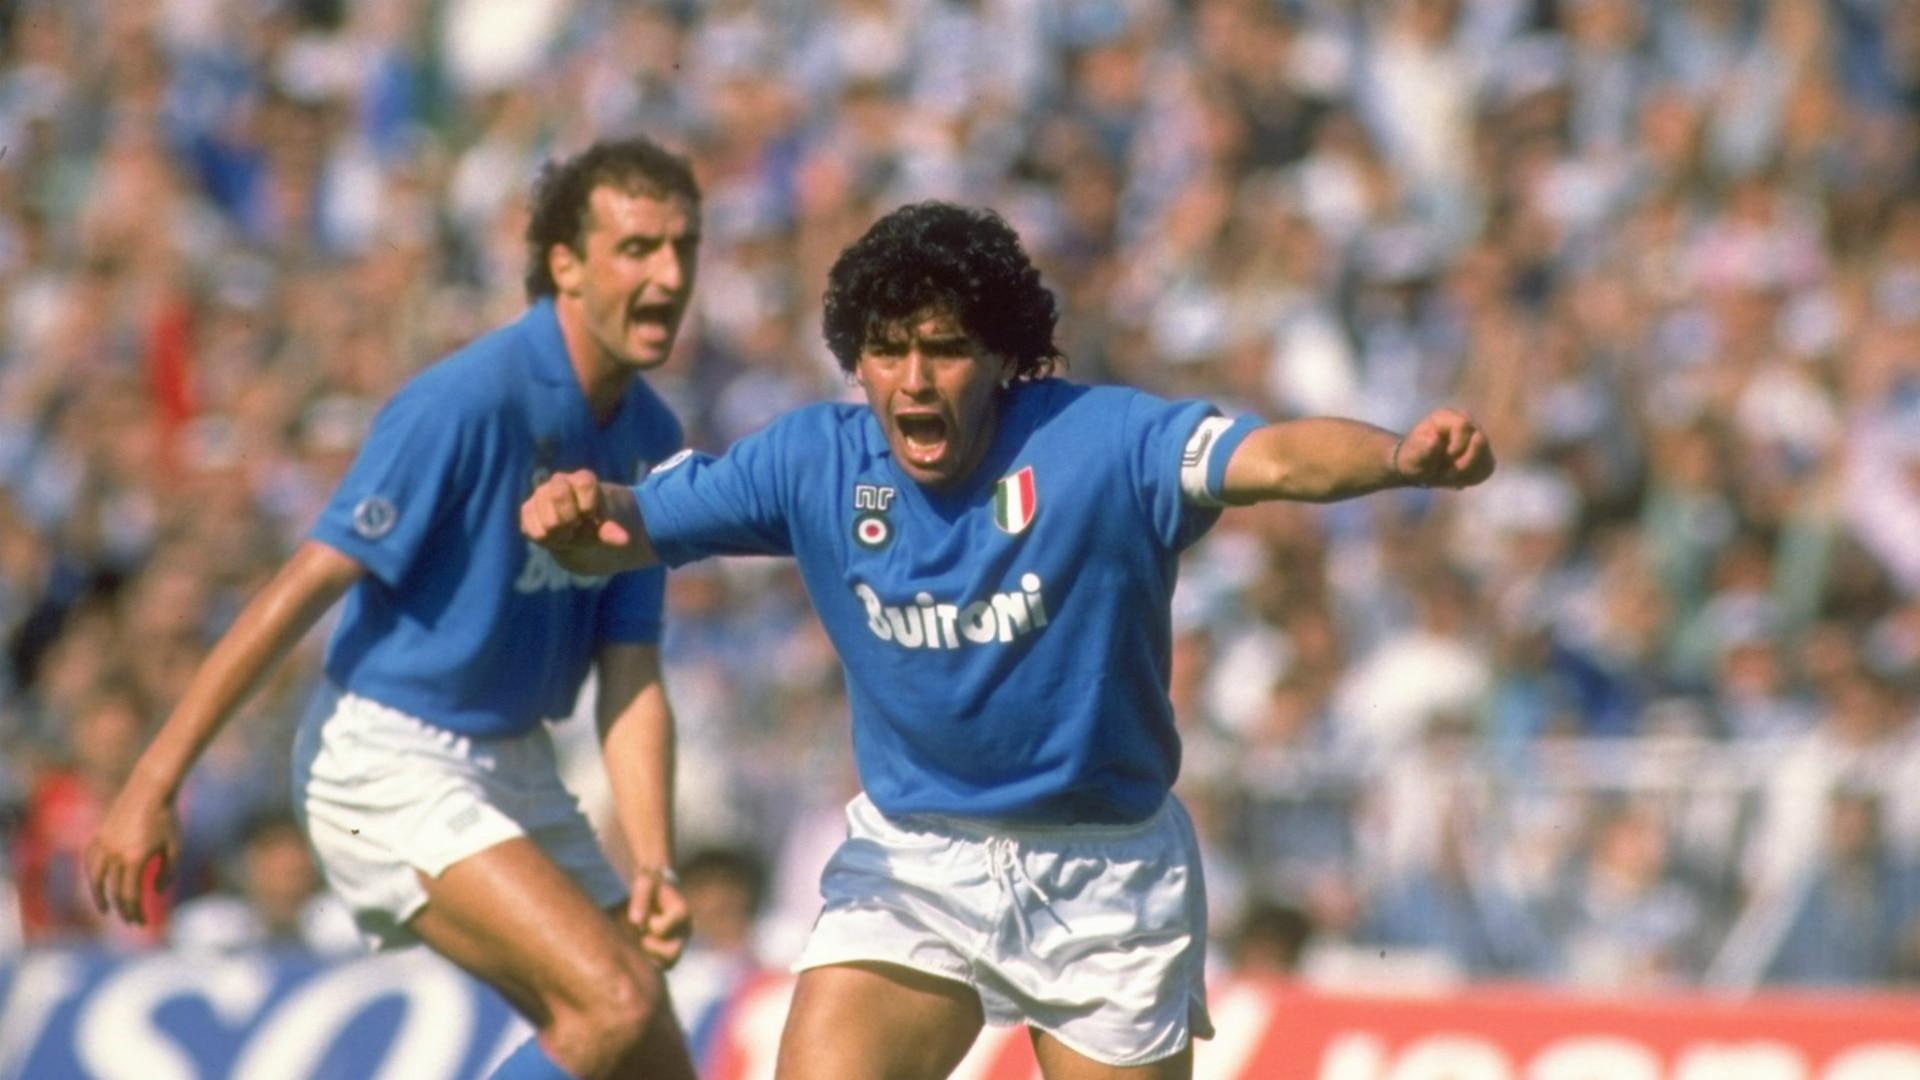 Maradona celebrates with the jersey of Napoli